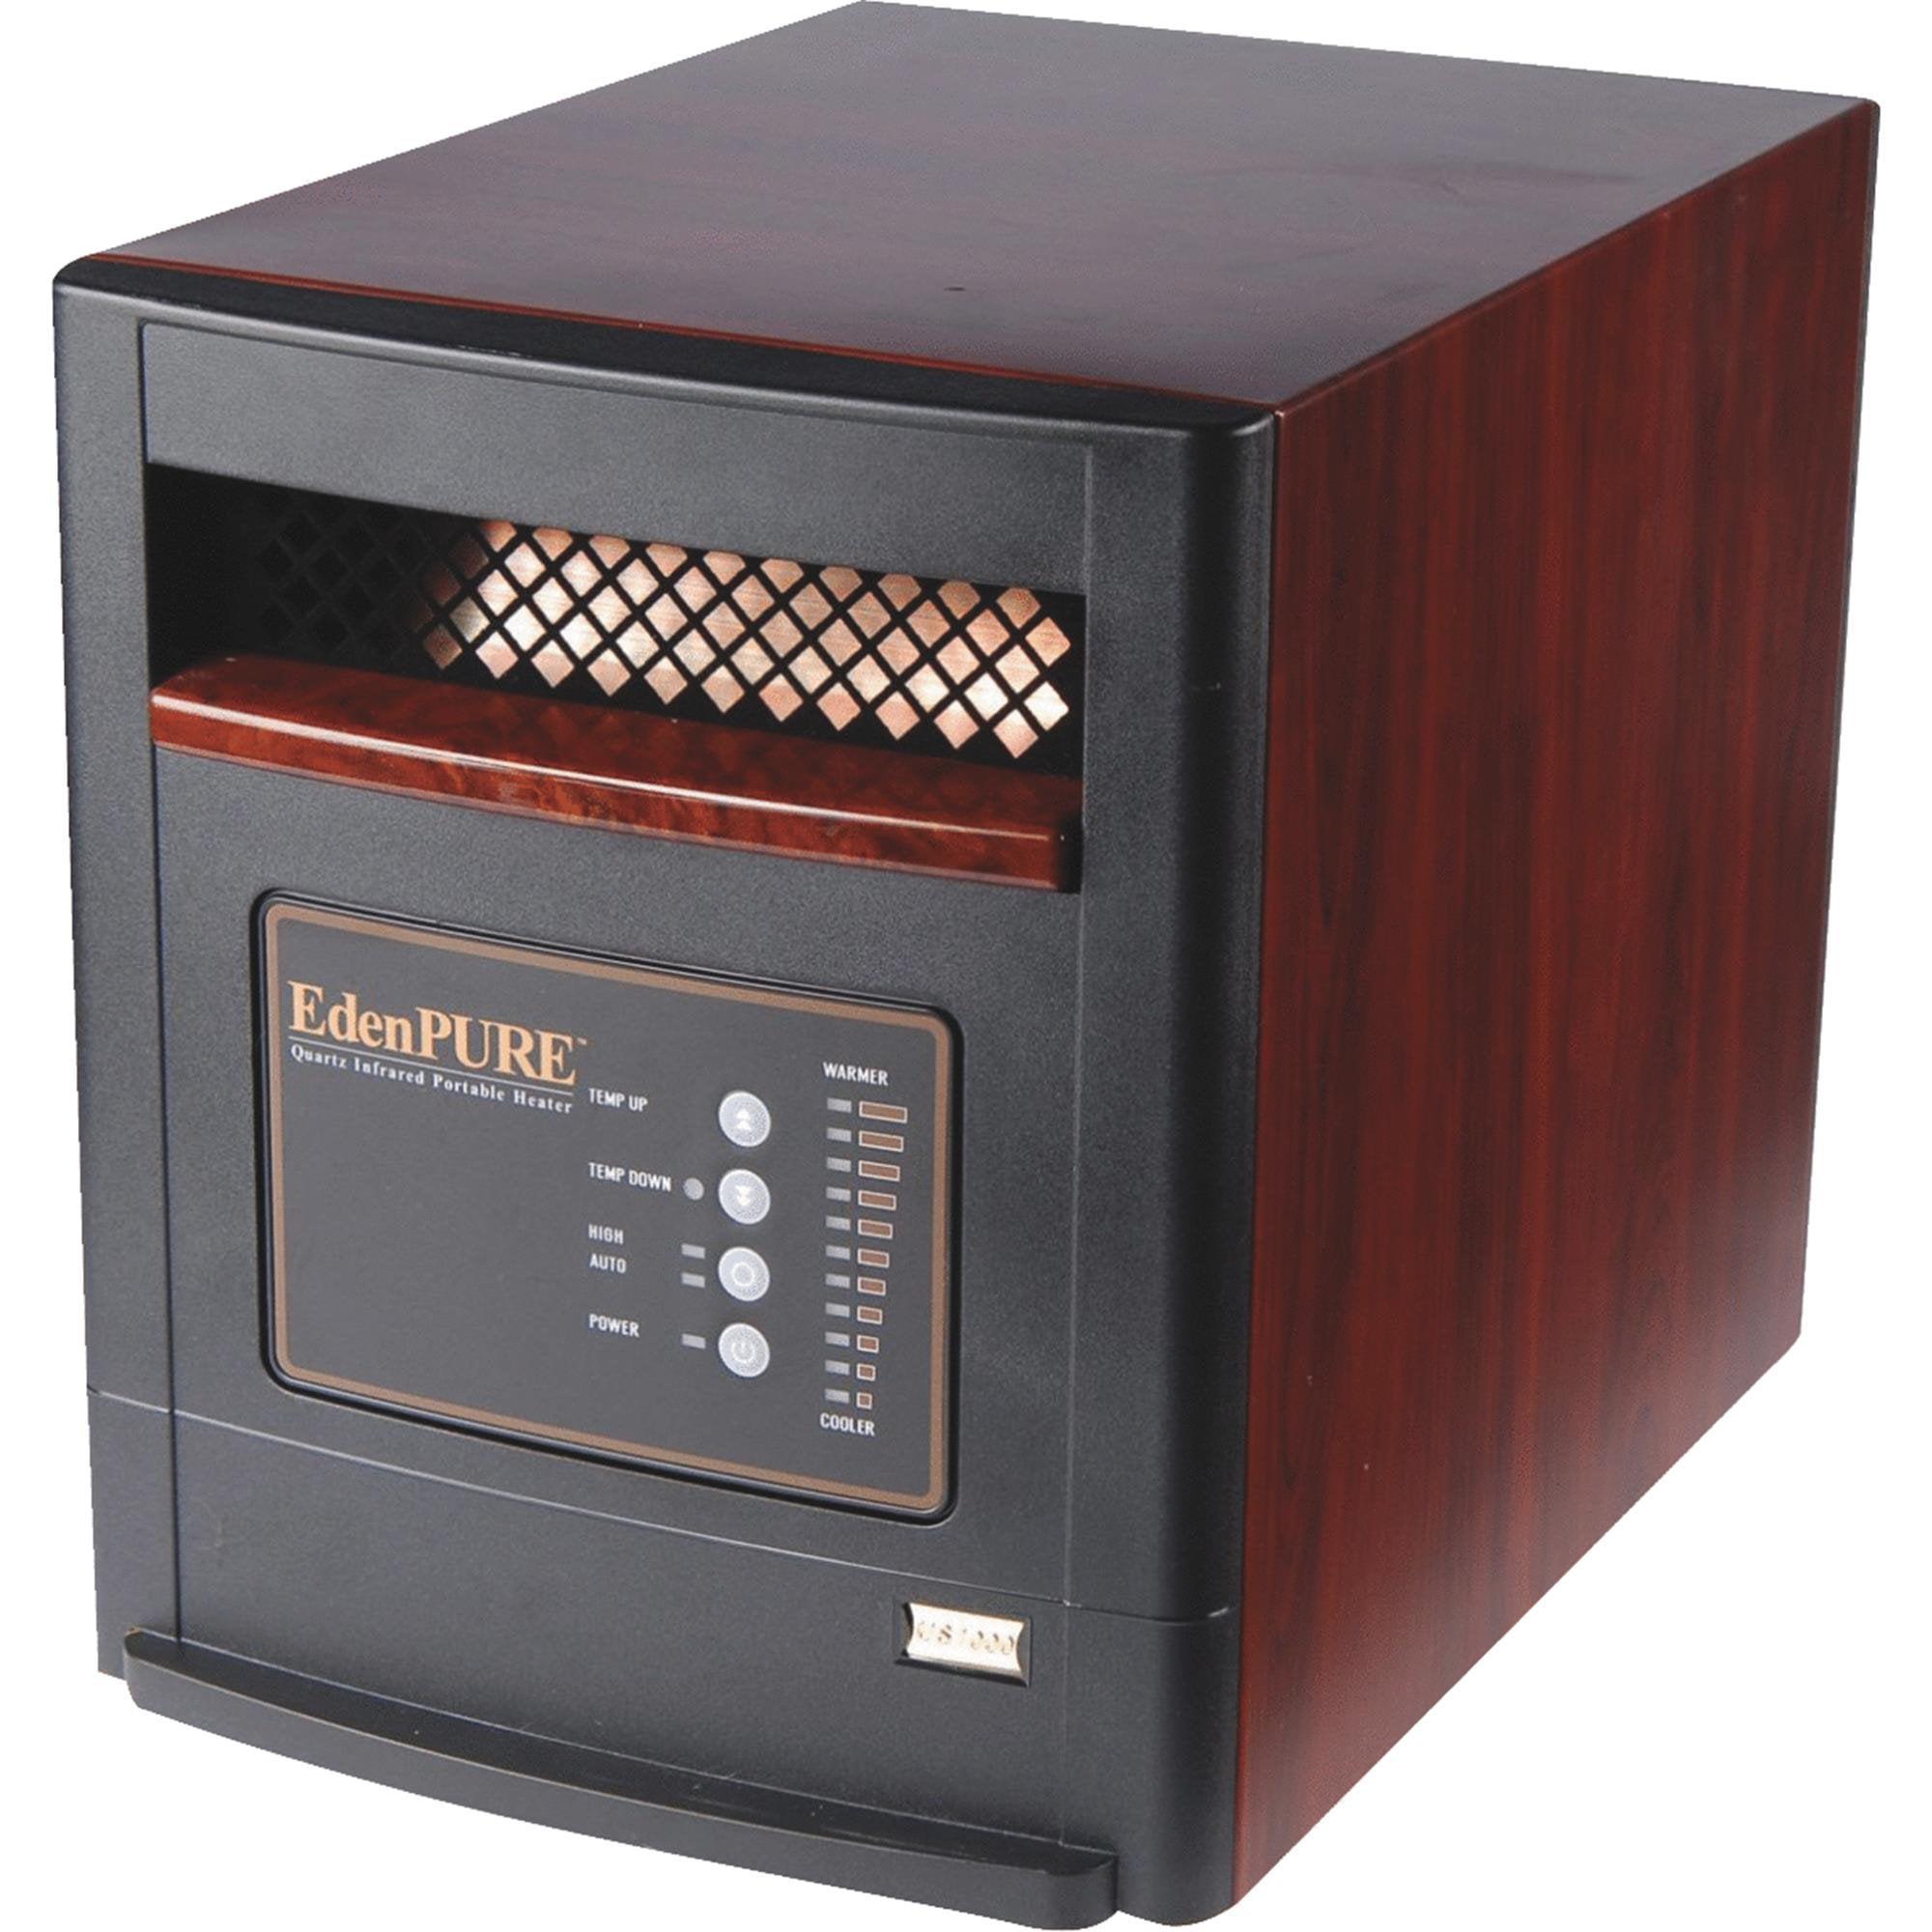 EdenPURE GEN4 Quartz Heater - Walmart.com